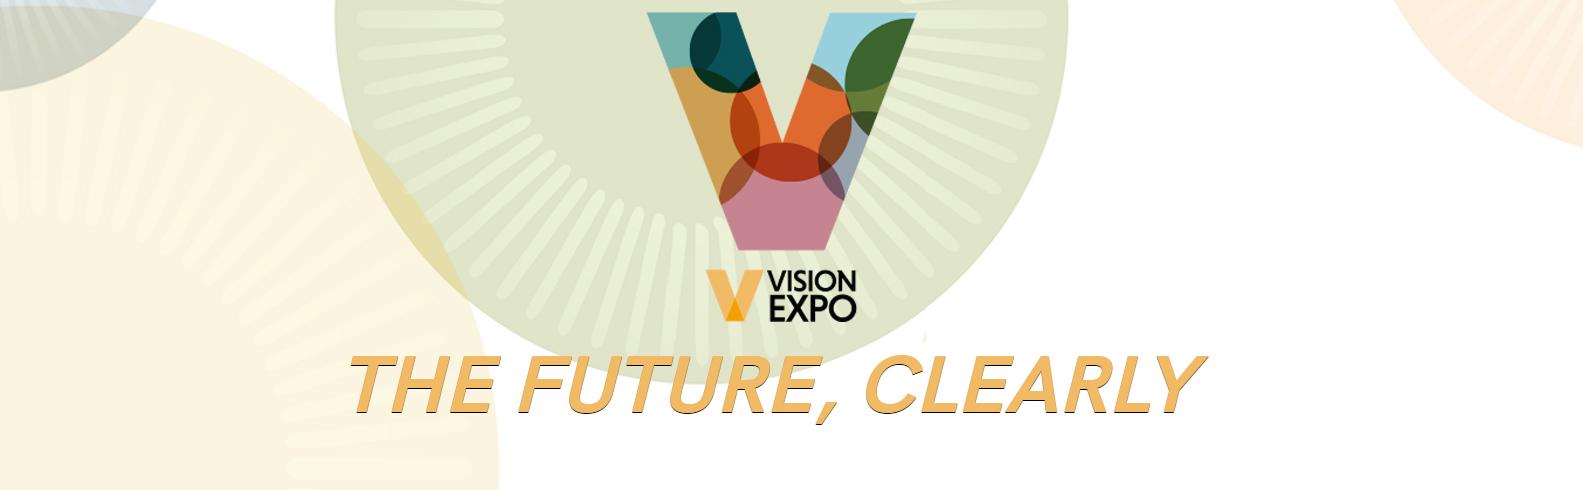 Vision Expo // The Vision Council Unveils Reimagination